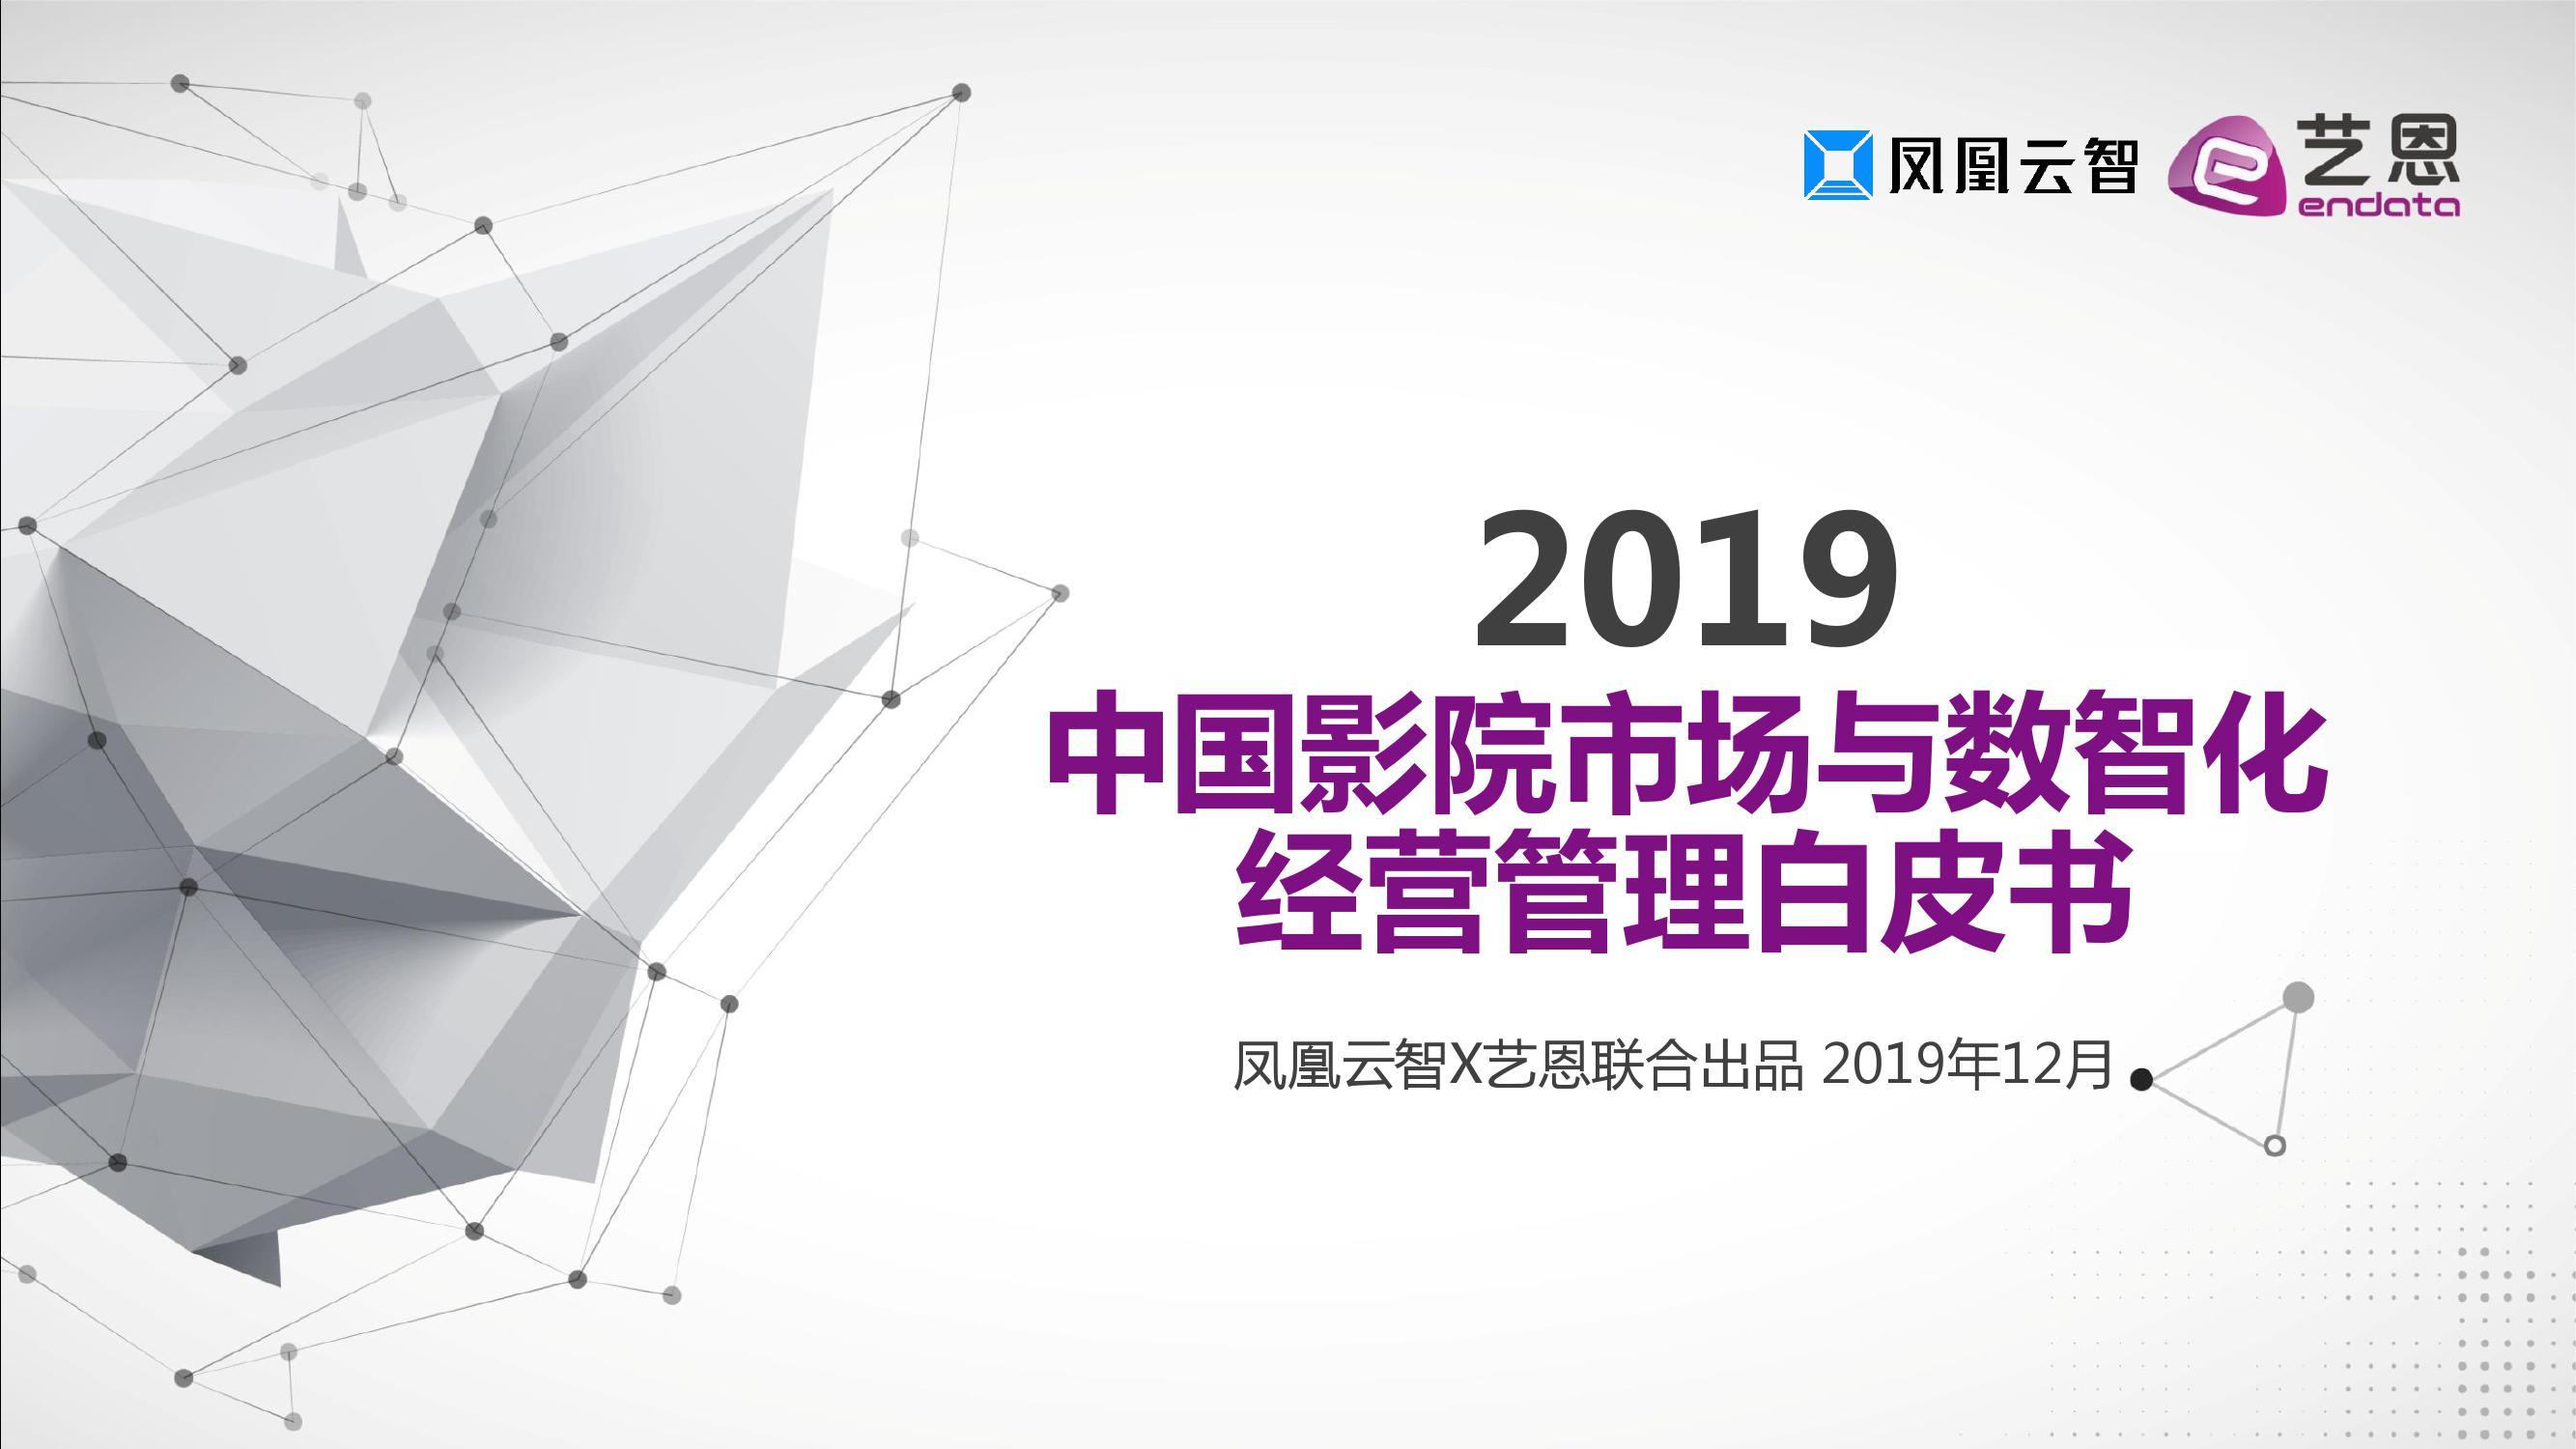 凤凰云智&艺恩:2019中国影院市场与数智化经营管理白皮书(附下载)